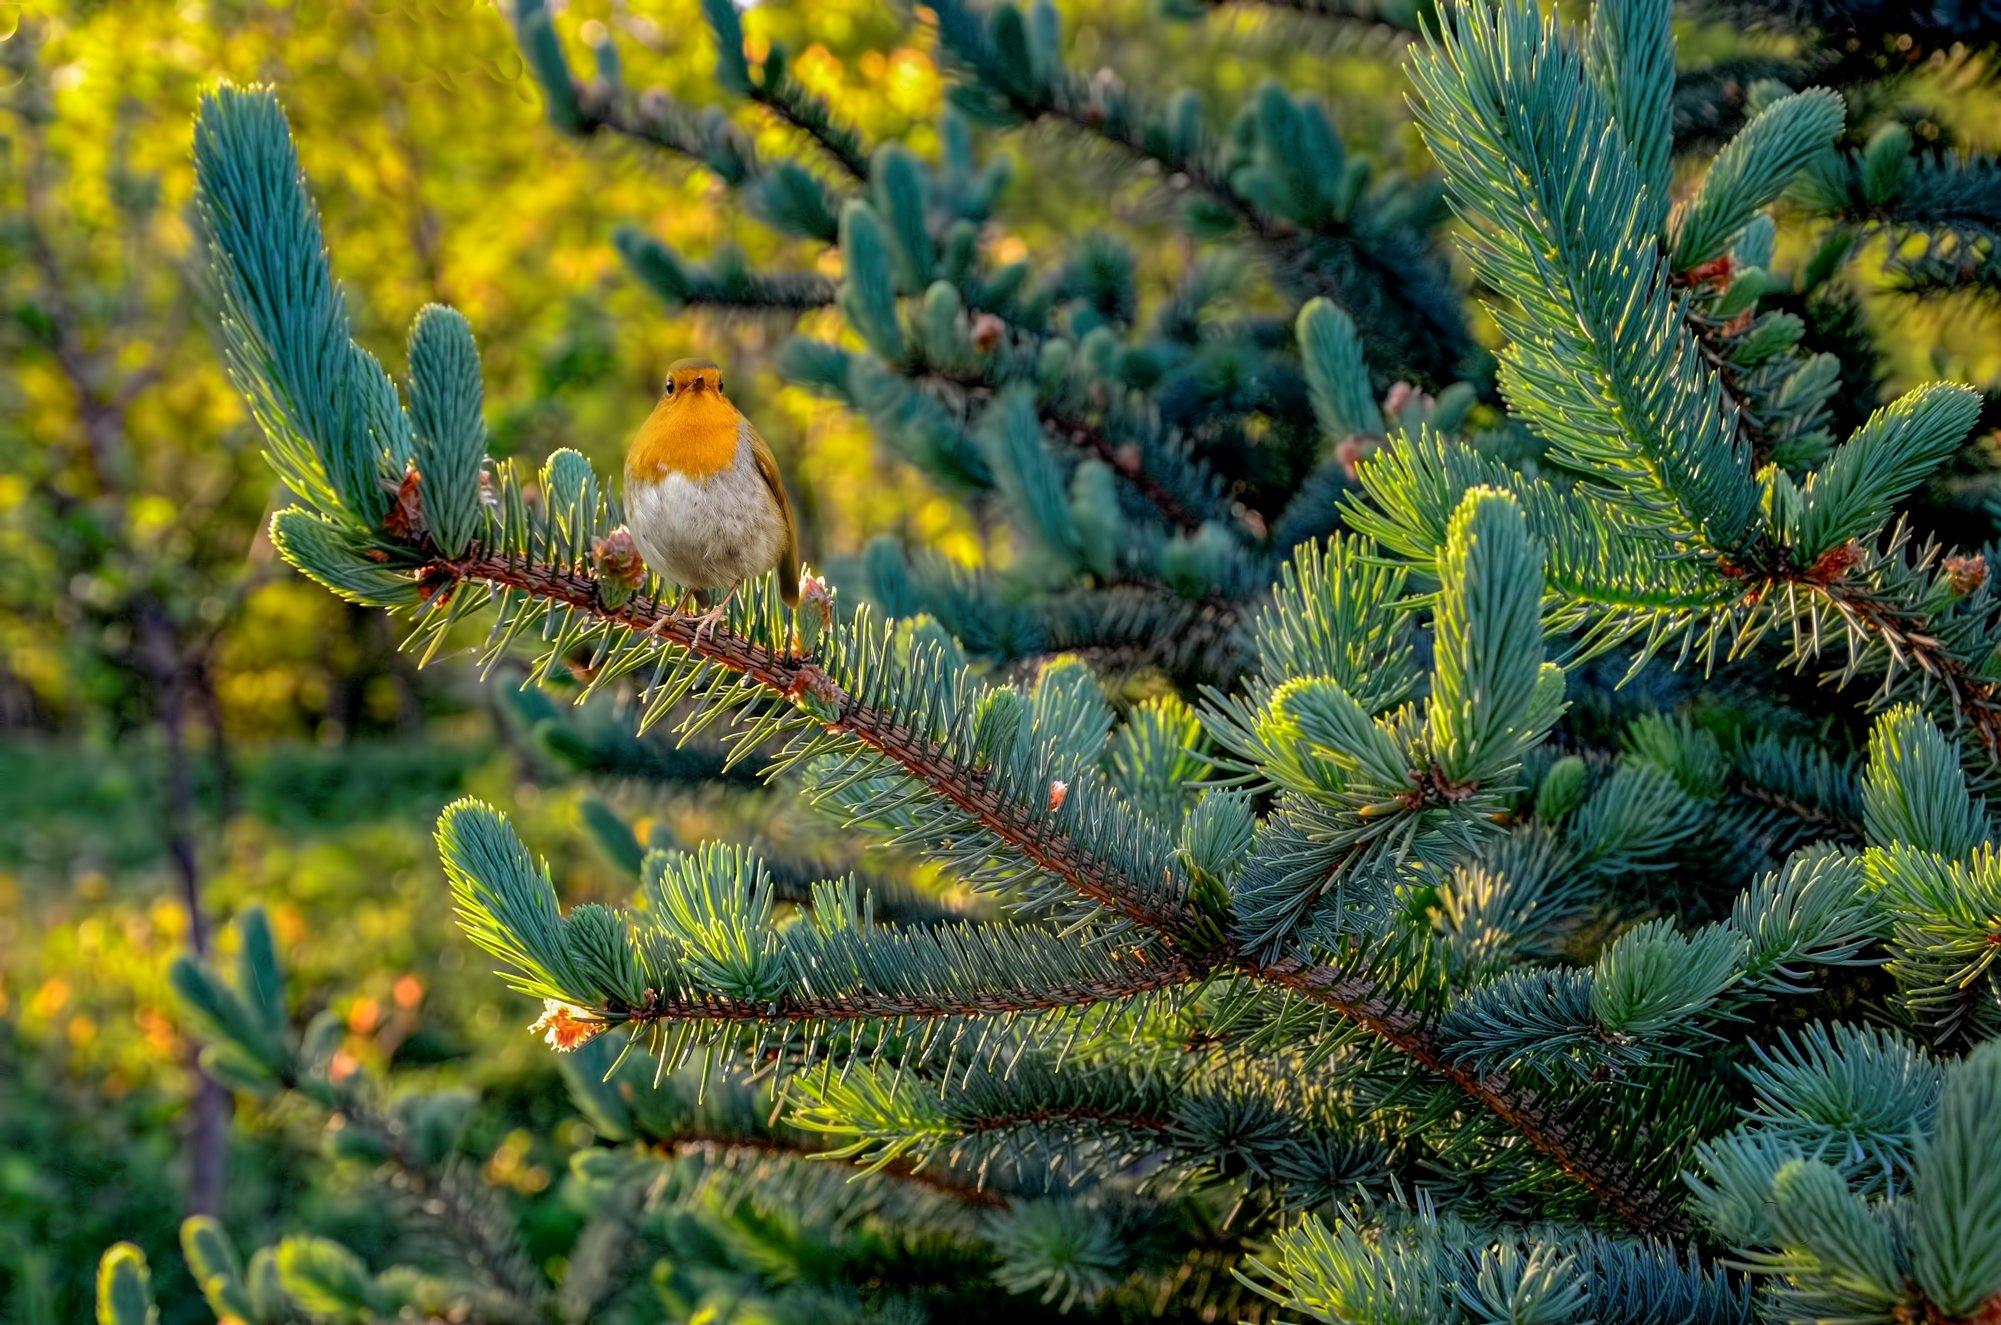 ель,птичка,лето.солнечные блики., Nataliorion